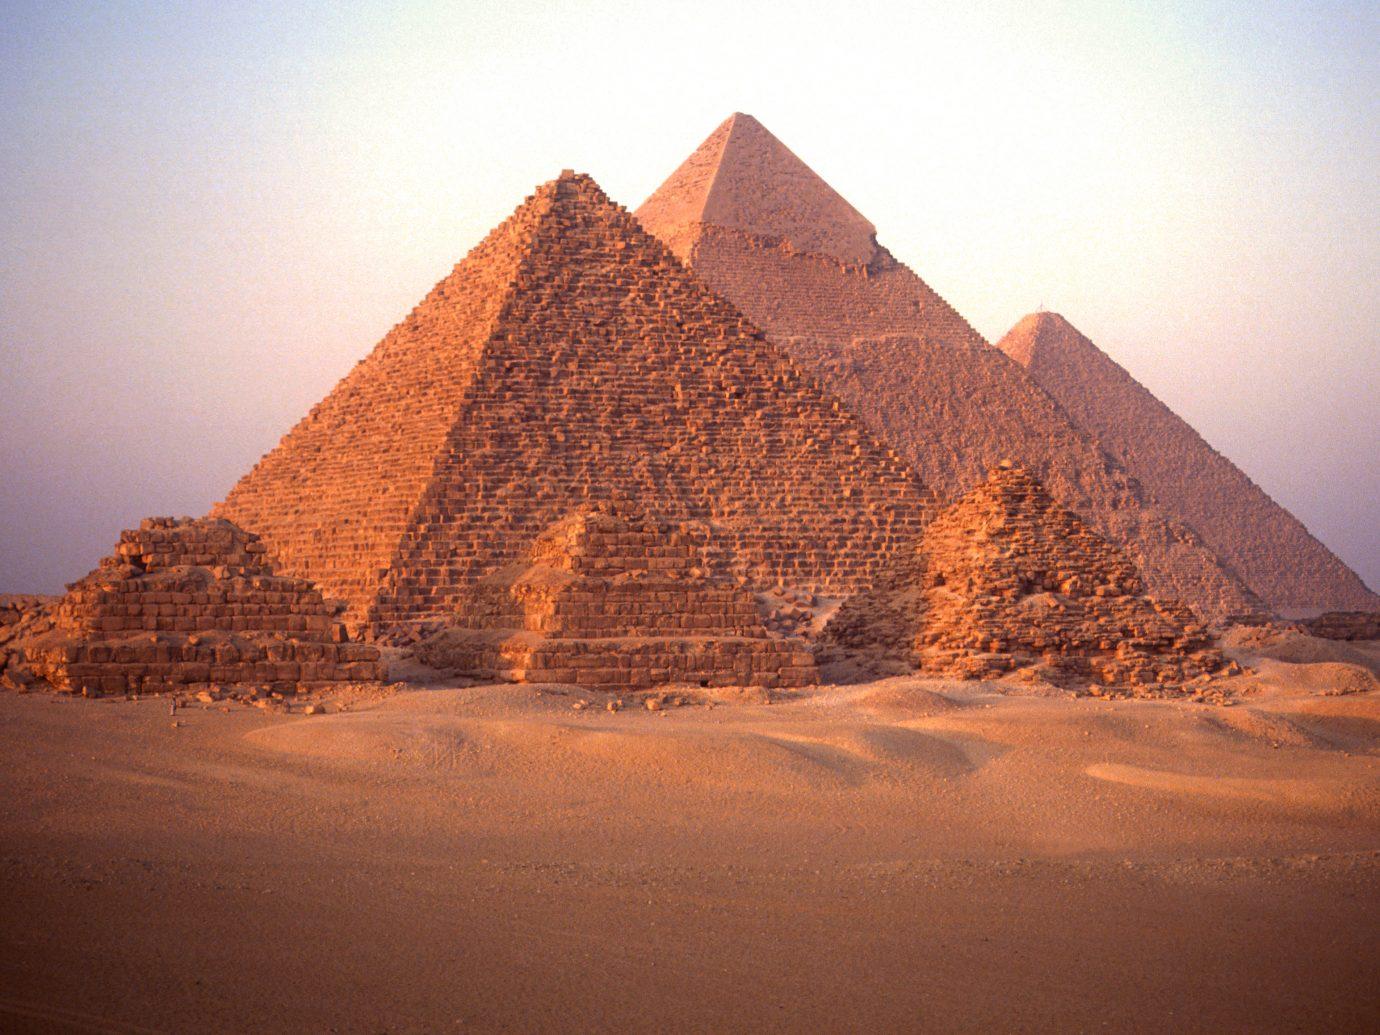 Six Pyramids of Giza Egypt.